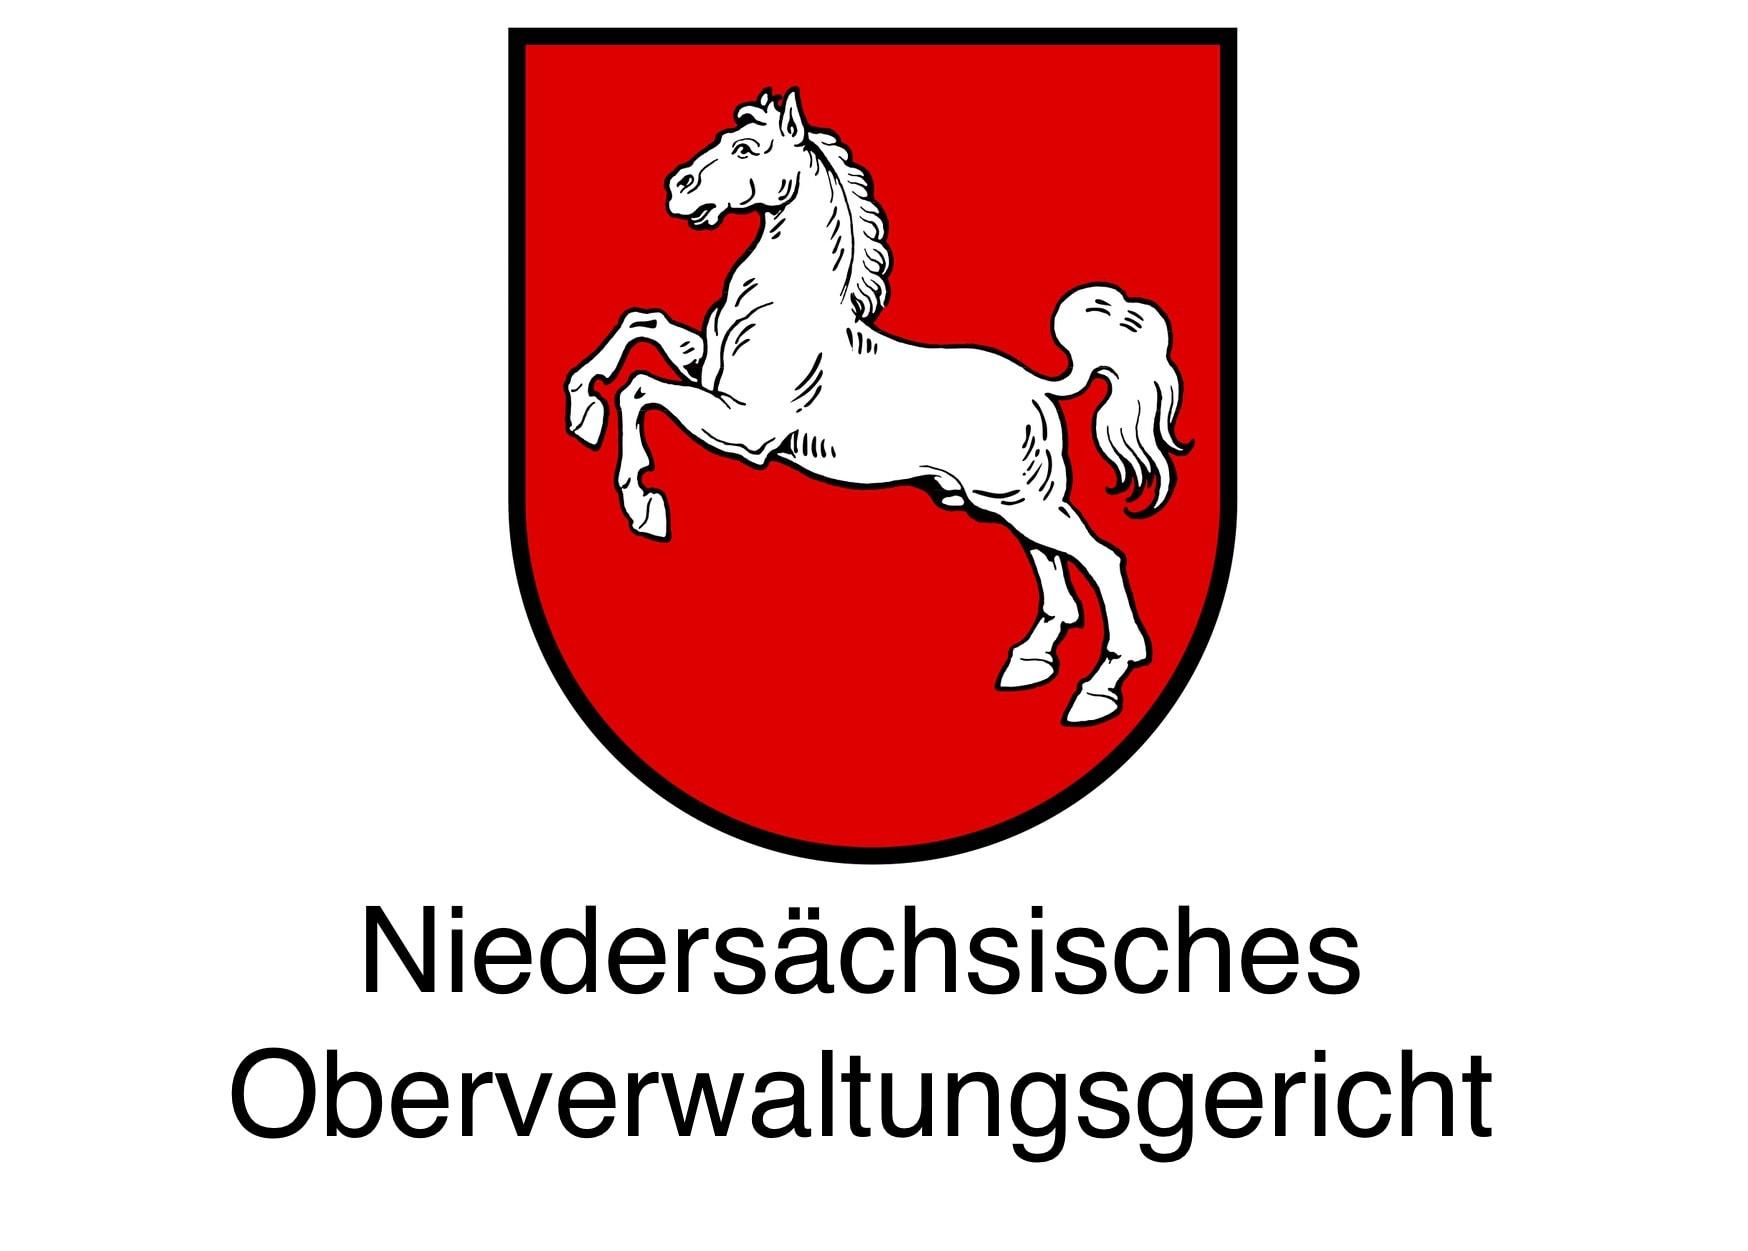 Wahlen der Leuphana Universität Lüneburg im November 2017 zum Senat und zum Fakultätsrat Bildung teilweise ungültig